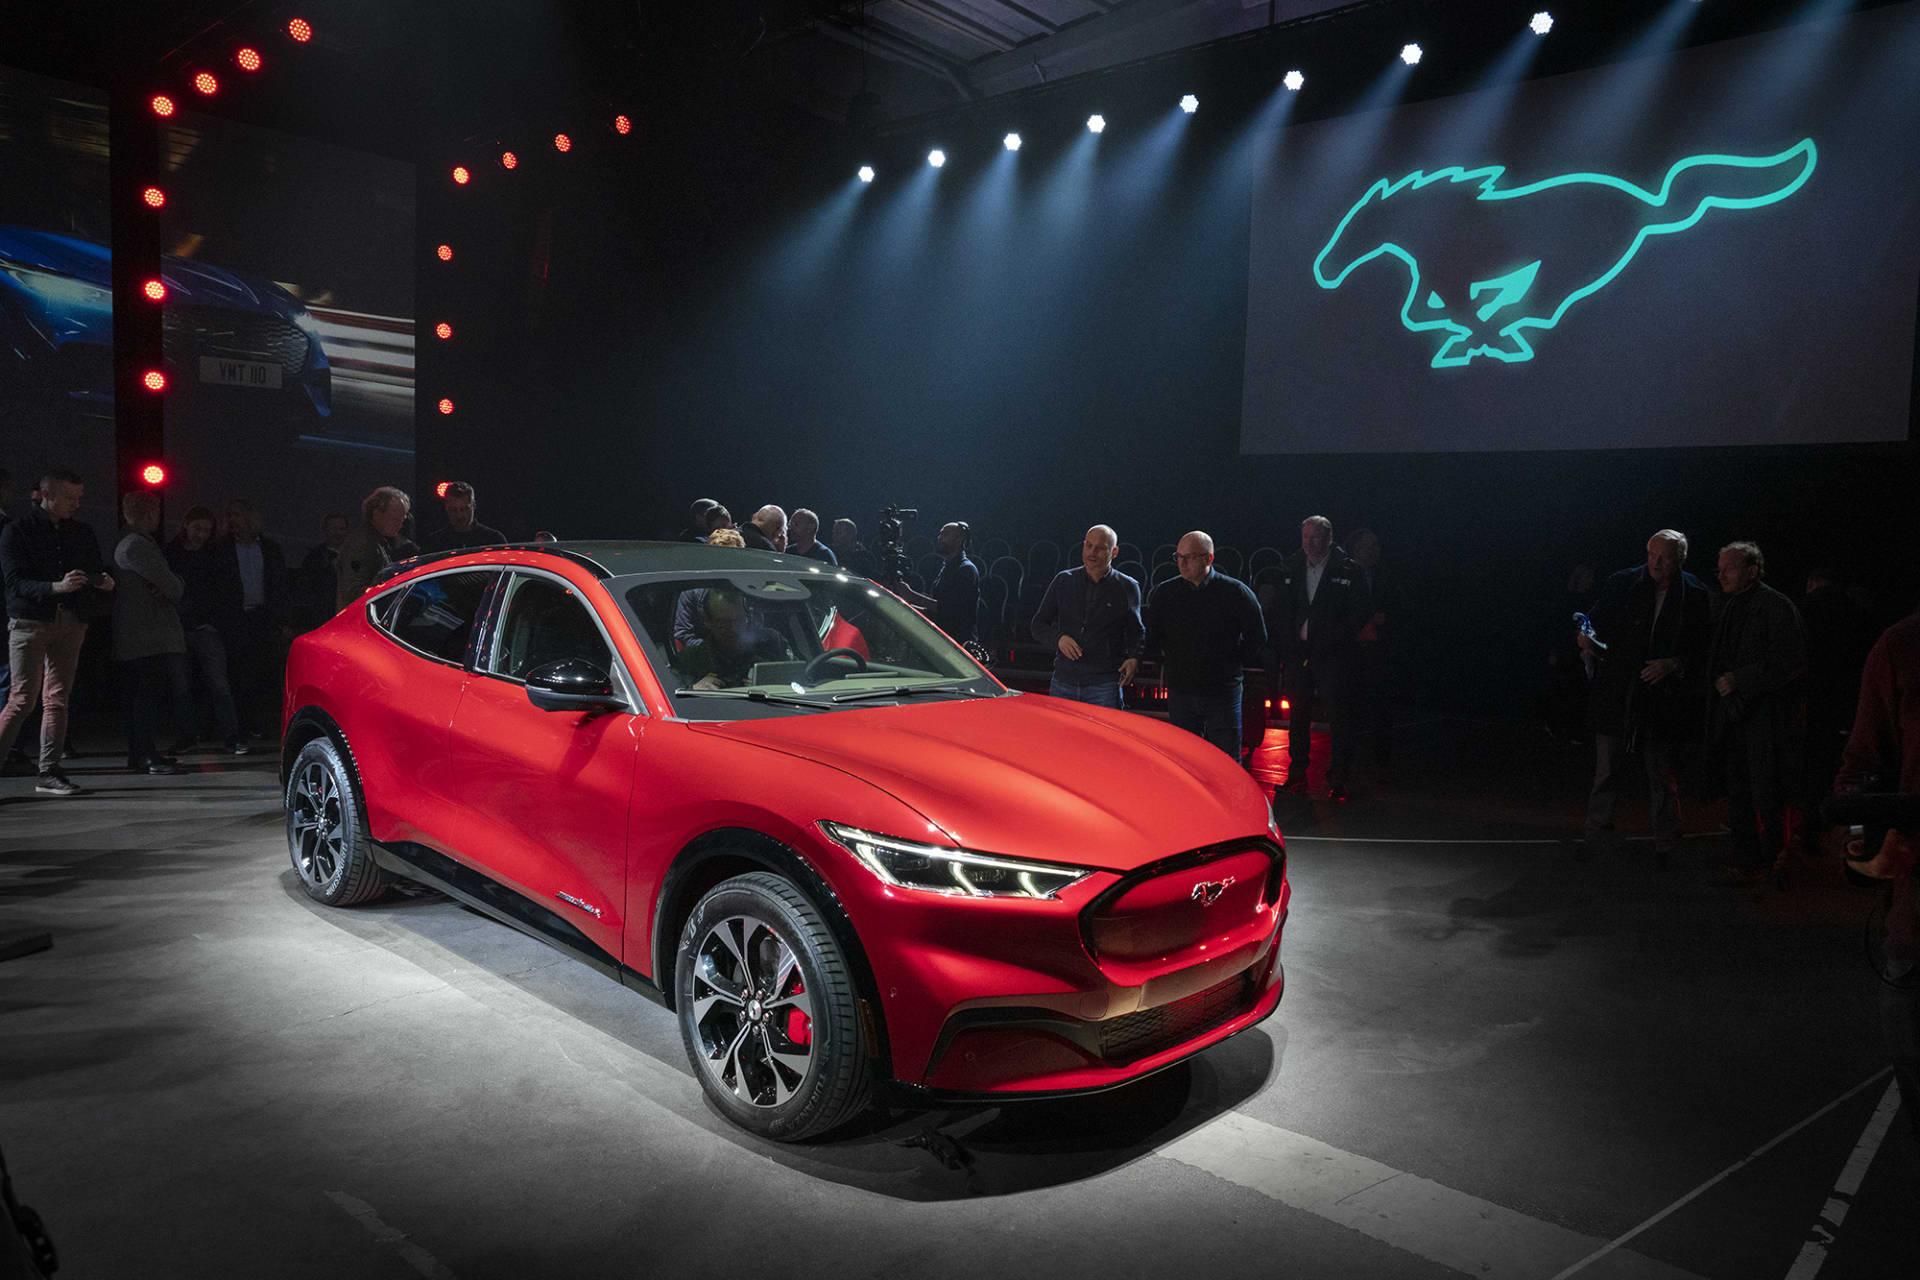 Säg hej till nya Ford Mustang Mach-e. En ny elektrifierad utmanare till Tesla och dom andra märkena som vill synas.